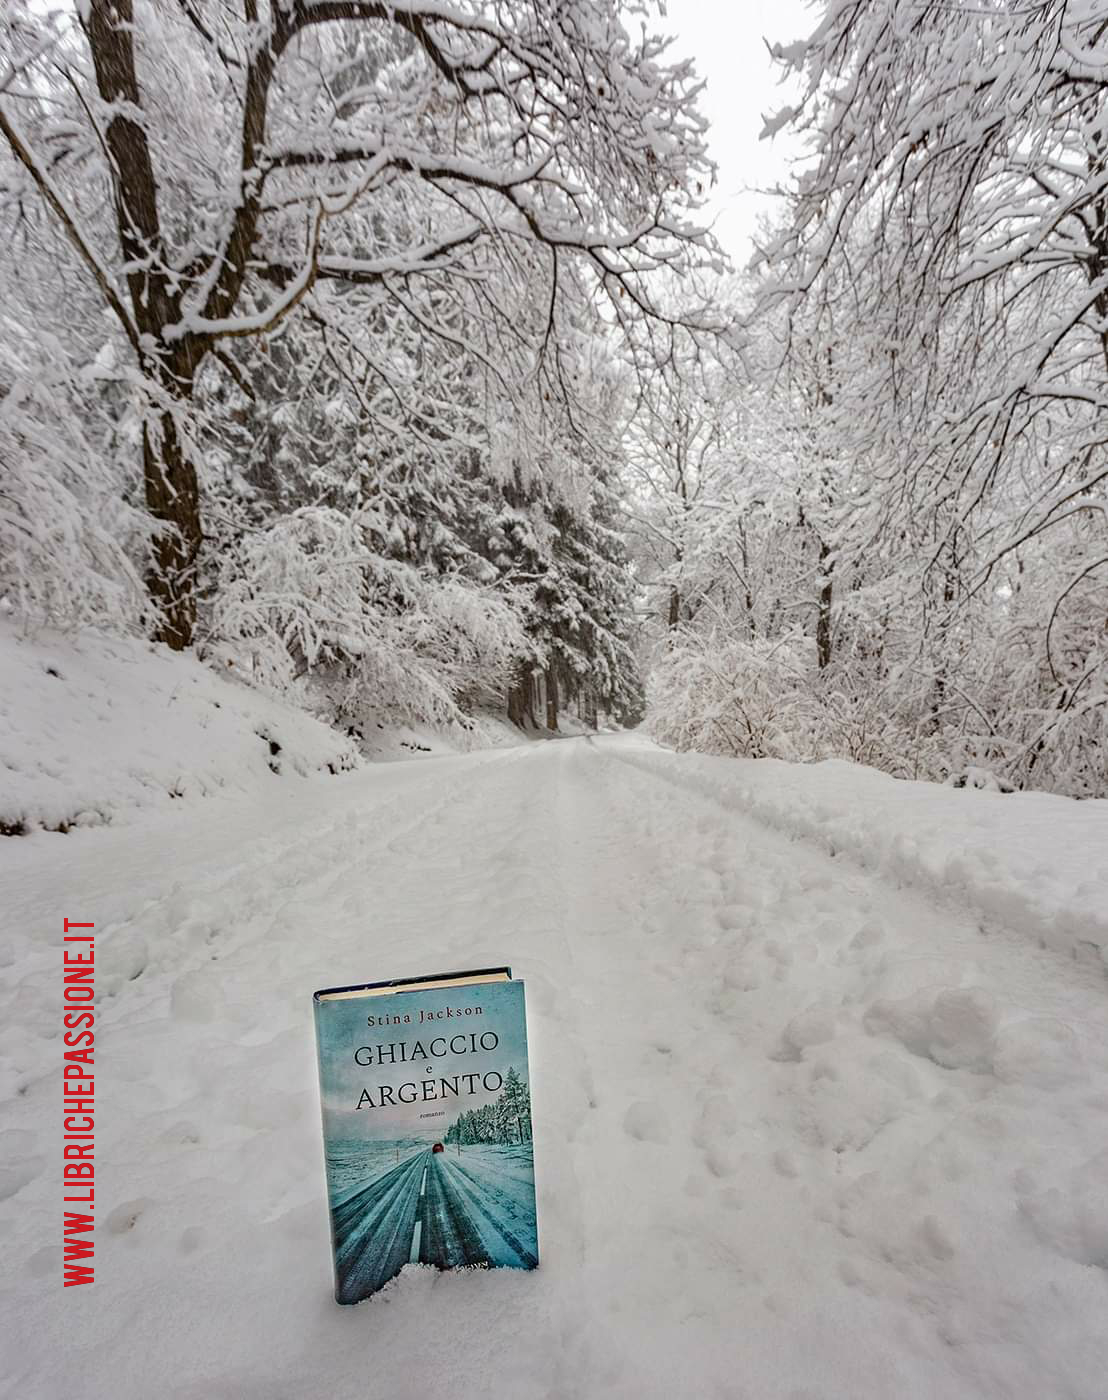 """Recensione del romanzo """"Ghiaccio e argento"""" di Stina Jackson edito da Longanesi."""